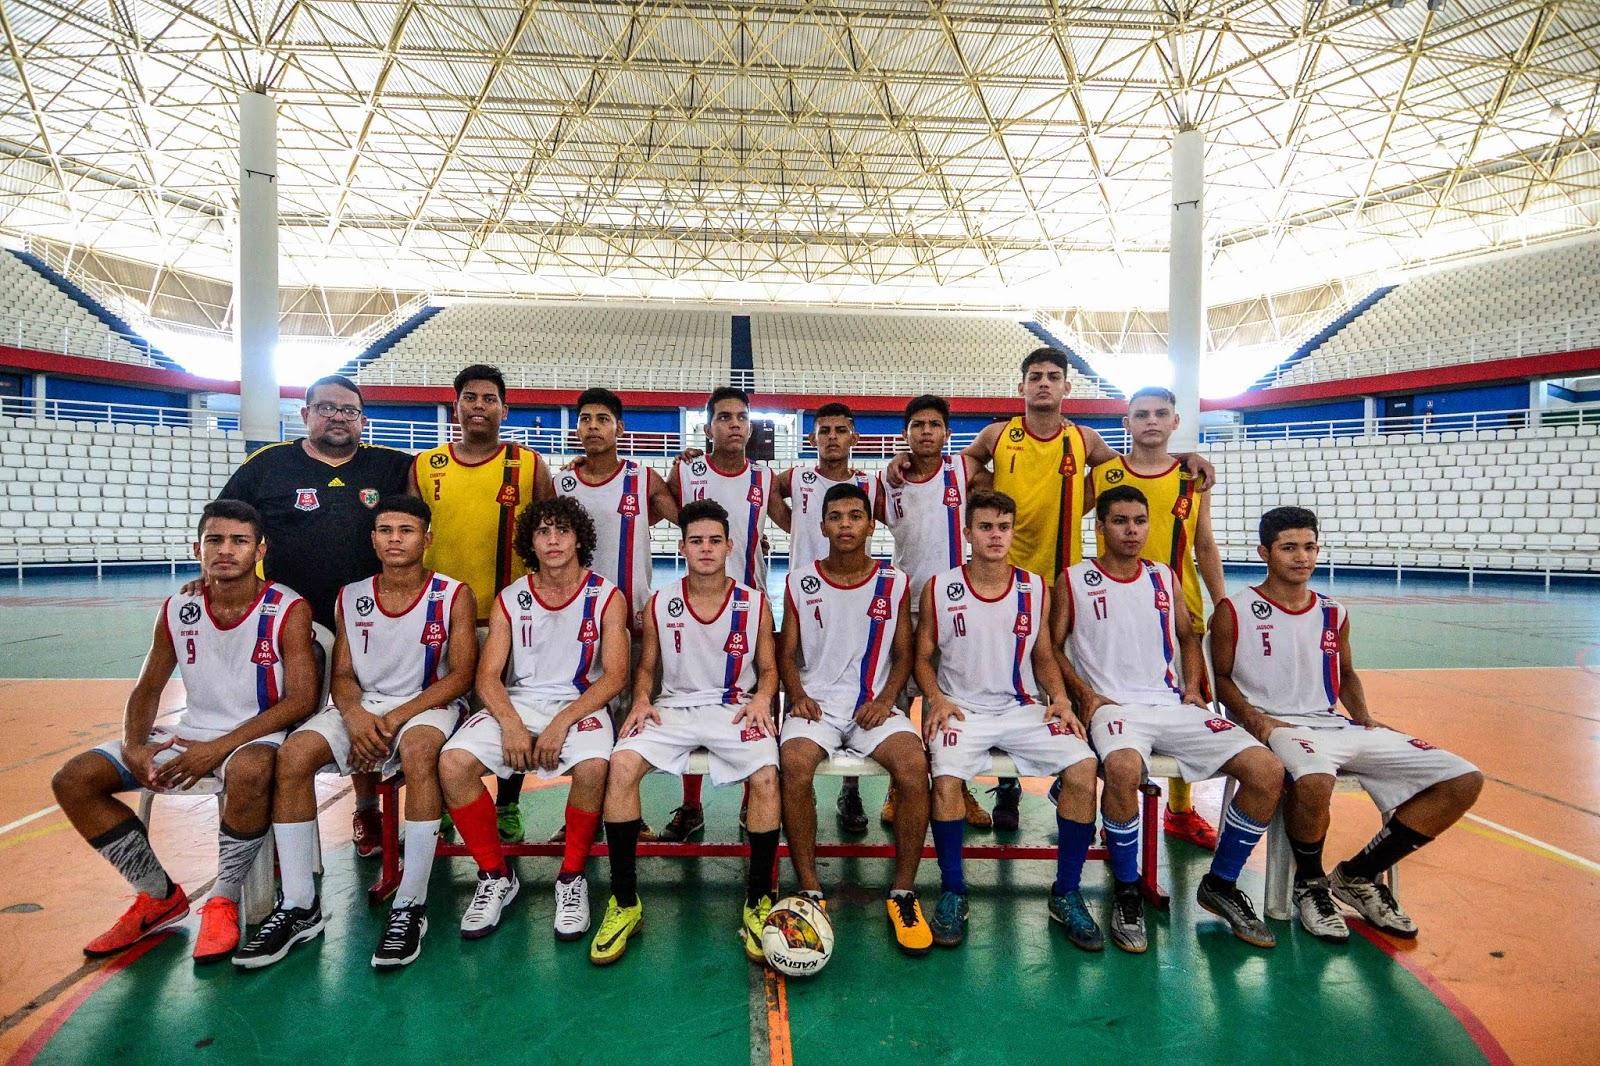 d84de8b7f Manaus AM - A Seleção Amazonense Sub-17 de Futsal inicia nesta terça-feira  (05 09) a caminhada para levantar o Campeonato Brasileiro de Seleções  Sub-17 ...